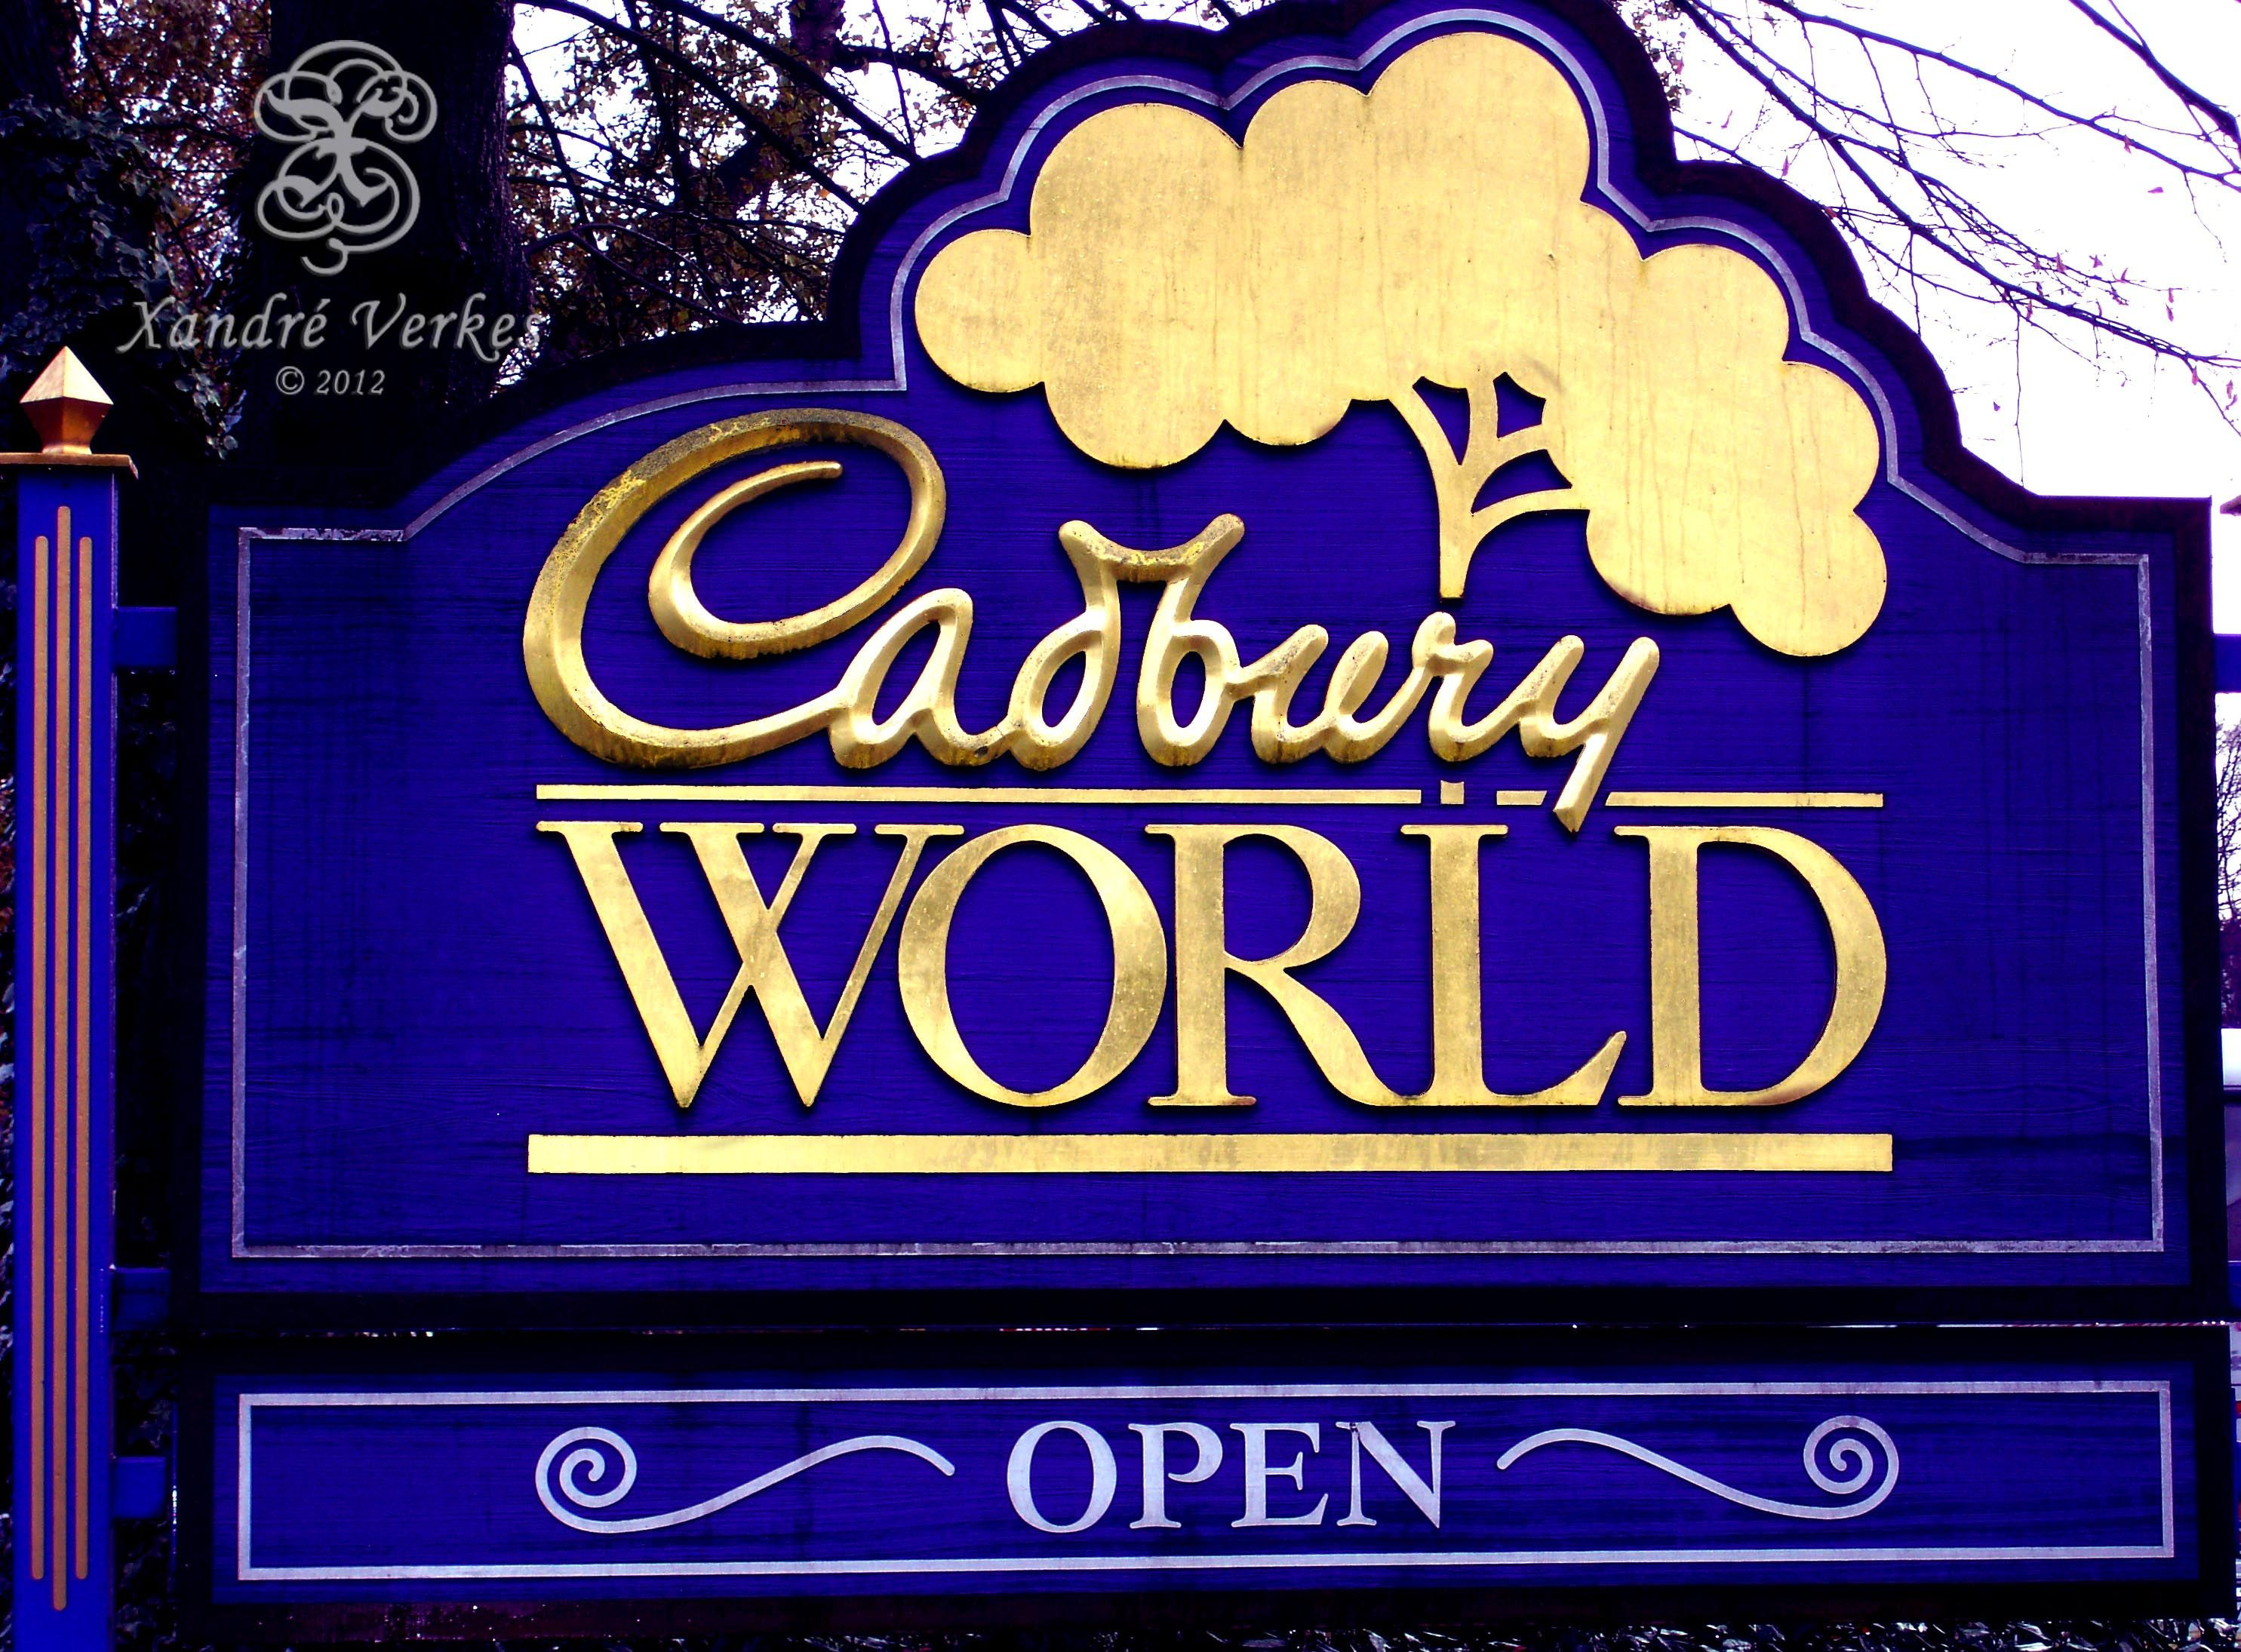 Cadbury Plc in Packaged Food